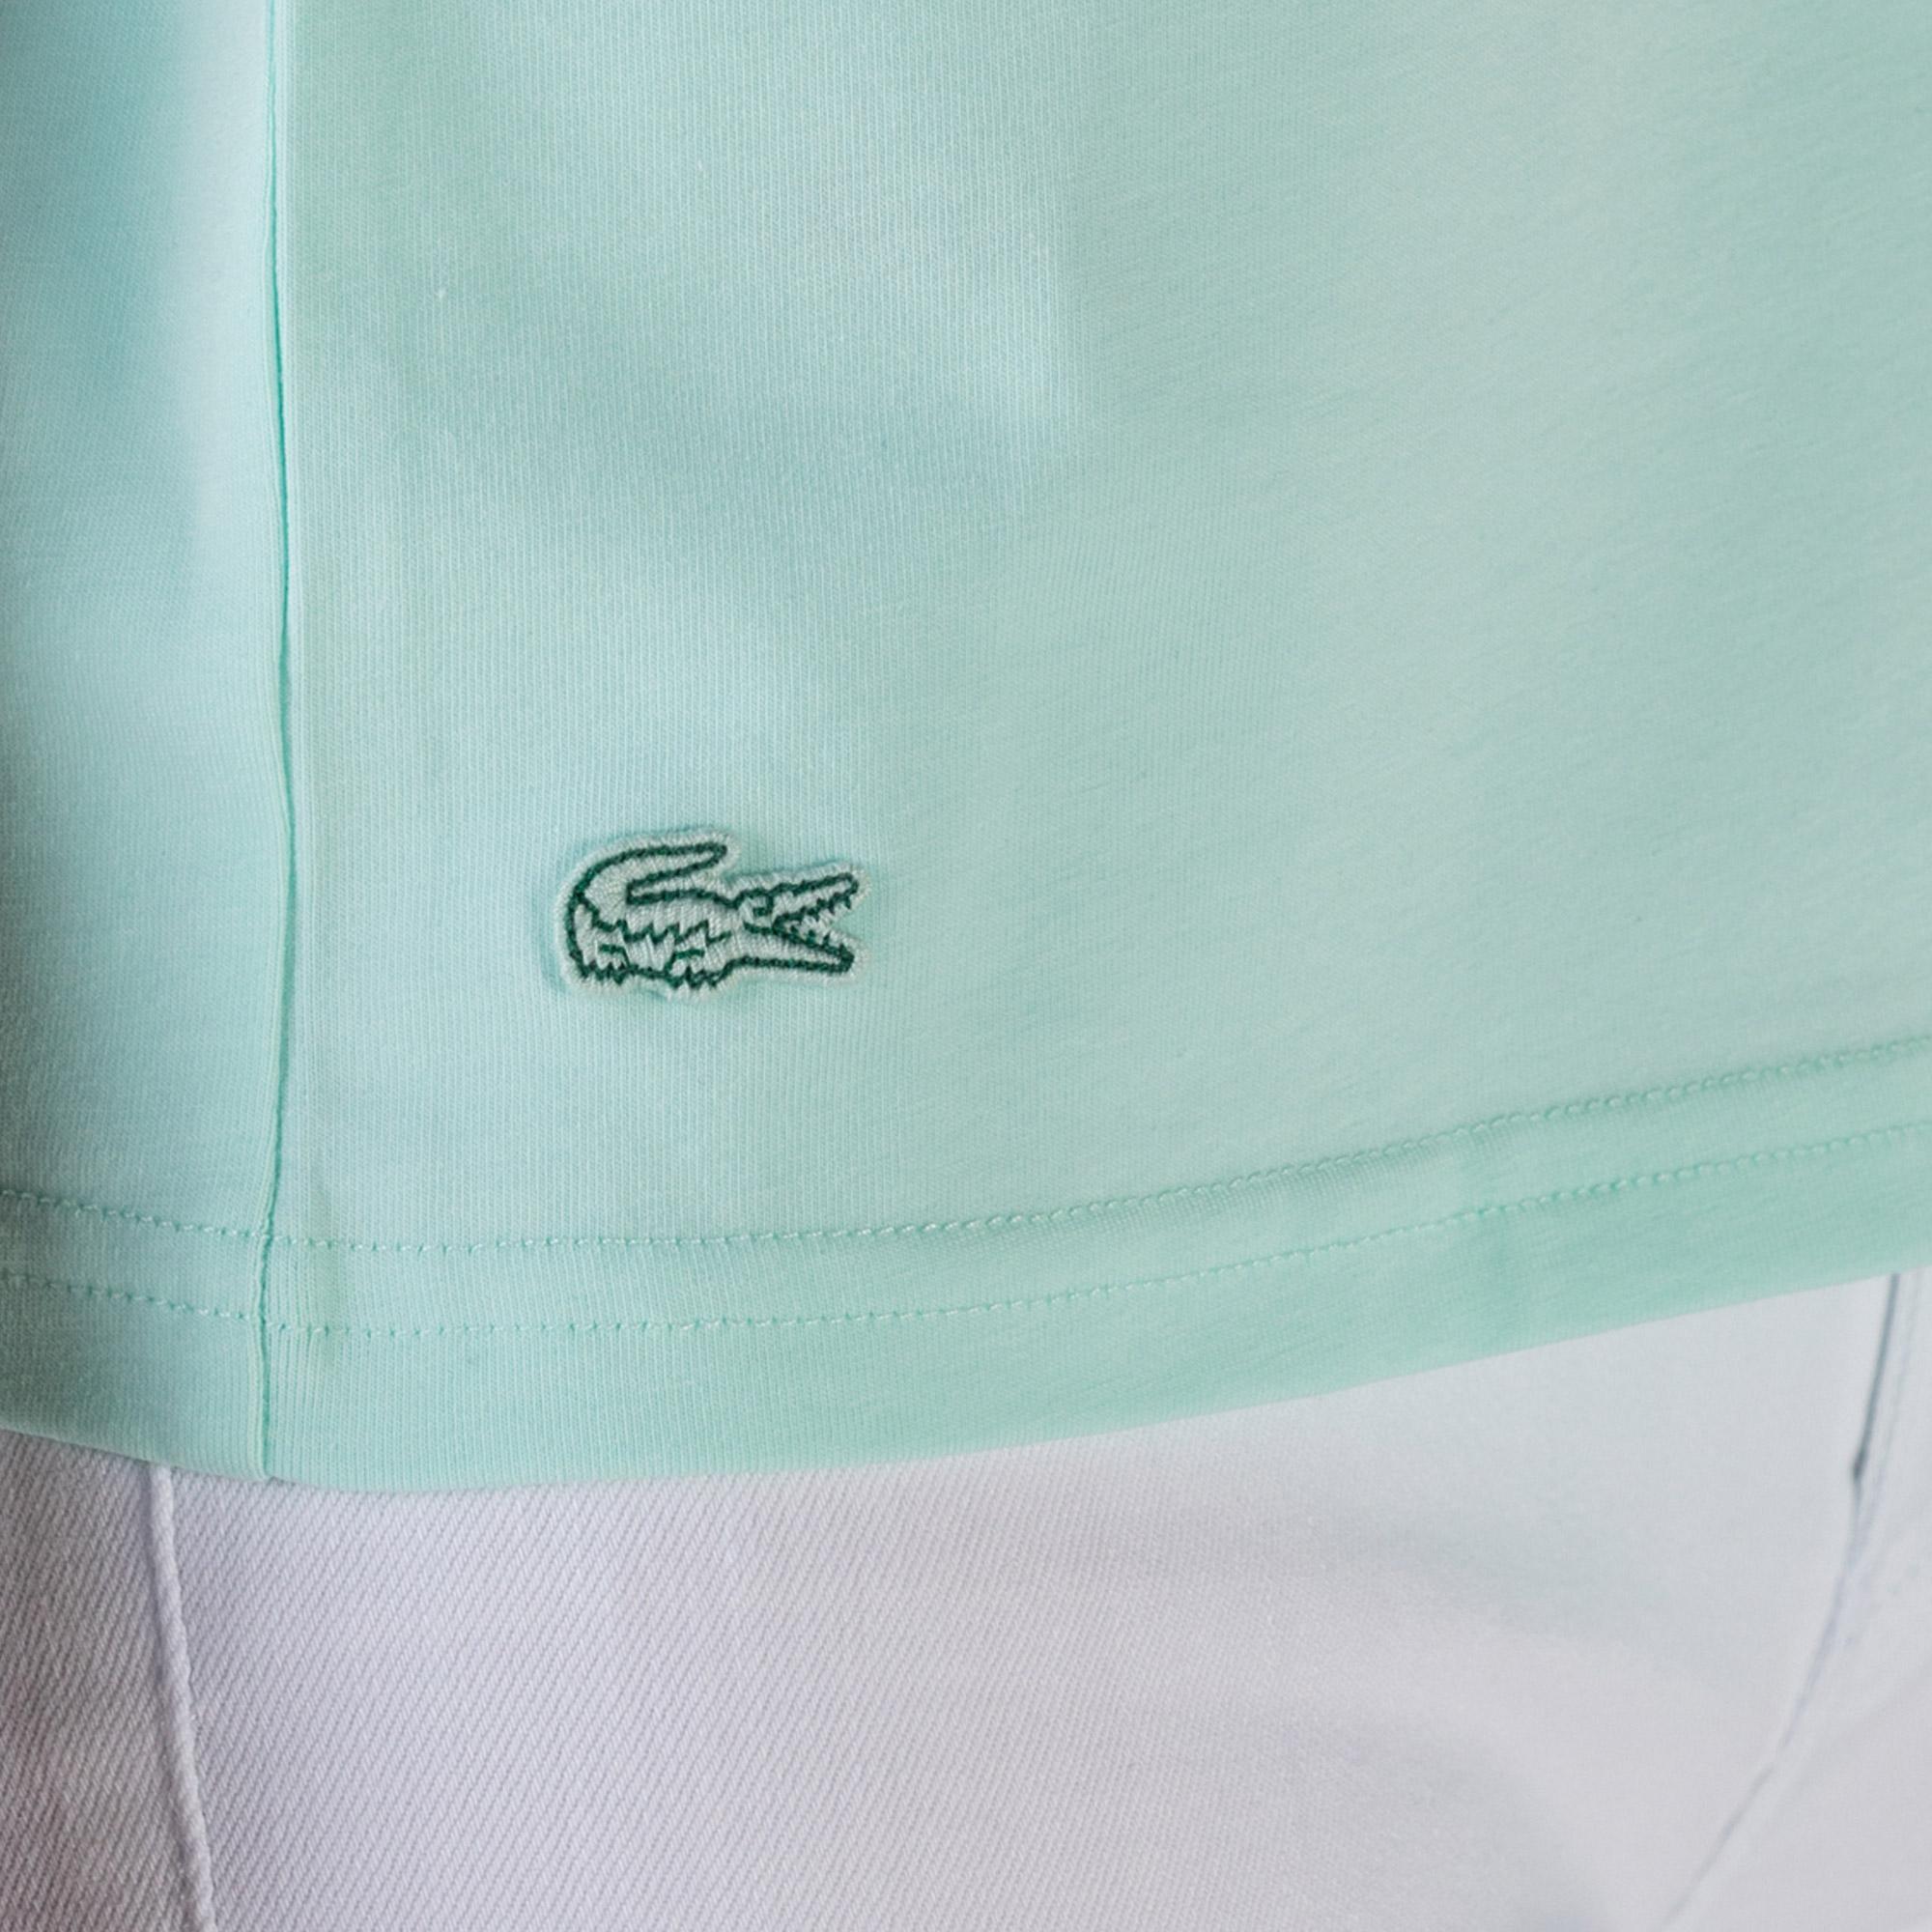 Lacoste Kadın Slim Fit Bisiklet Yaka Baskılı Mint Yeşil T-Shirt